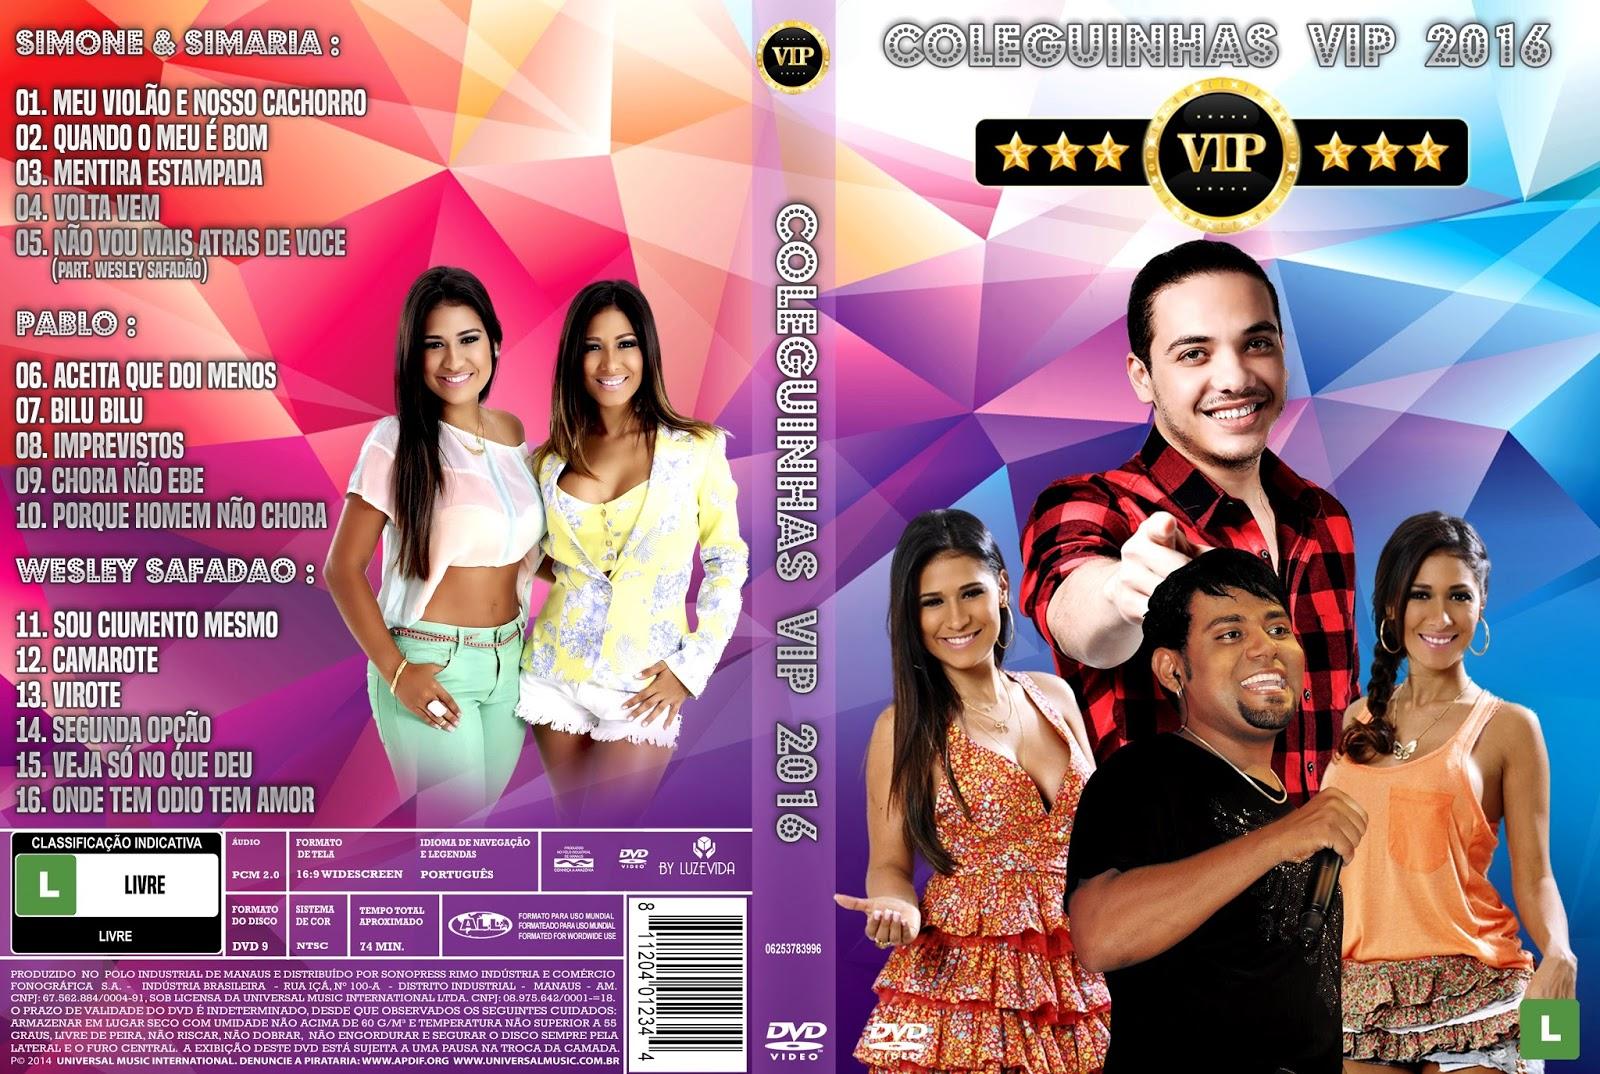 Coleguinhas Vip 2016 DVD-R Coleguinhas 2BVip 2B2016 2BDVD R 2BXANDAODOWNLOAD